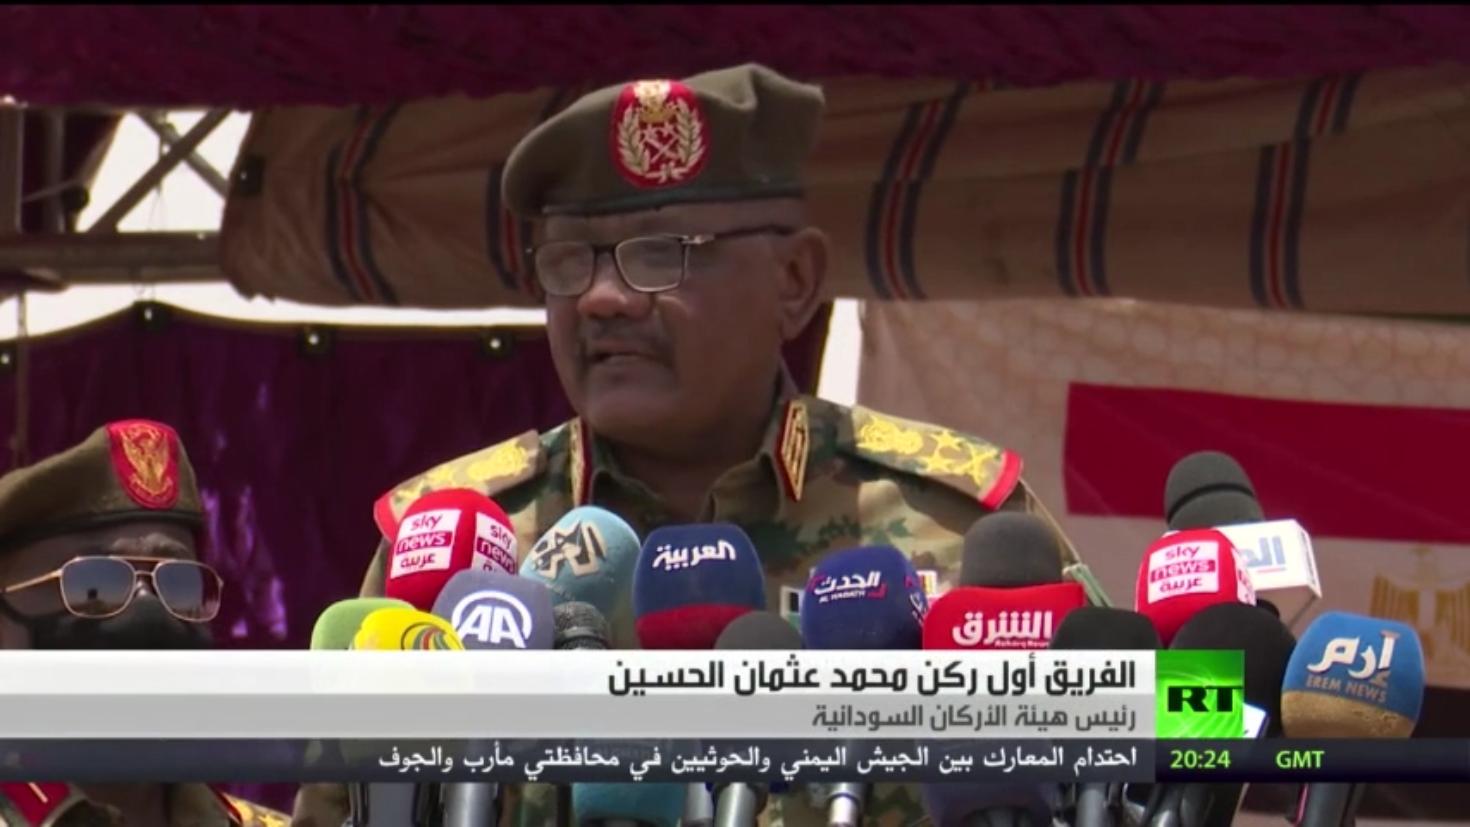 اختتام التدريبات العسكرية المصرية السودانية